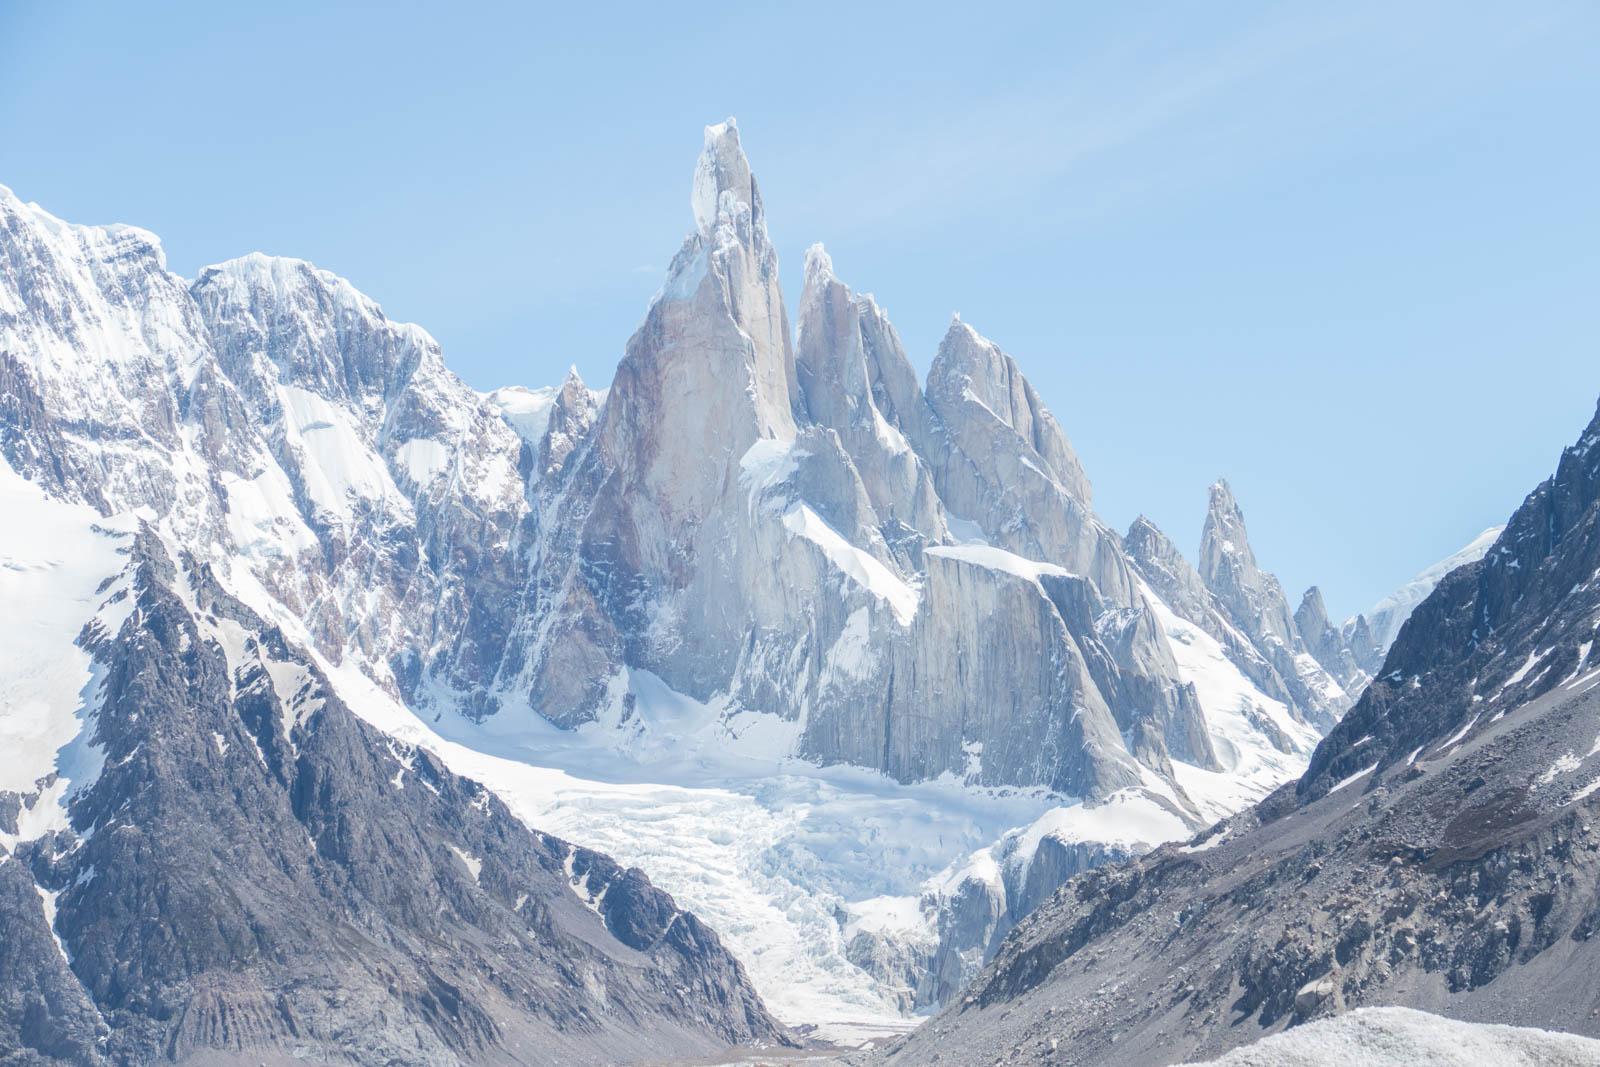 Cerro Torres and Grande glacier